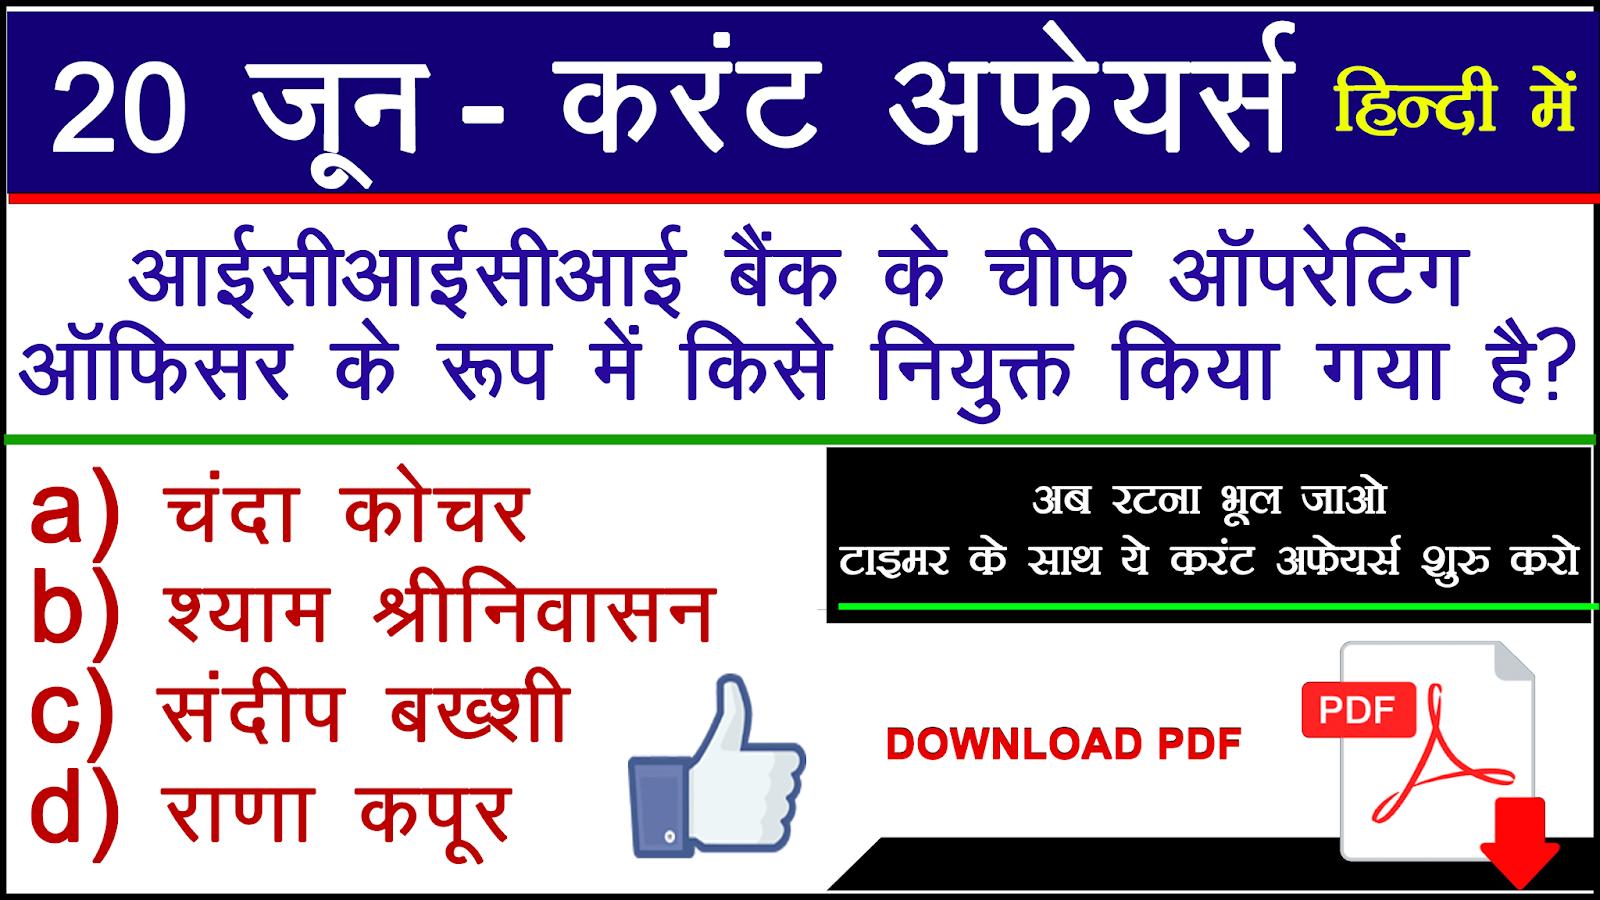 20th June Curent Affairs 2018 Quiz in Hindi